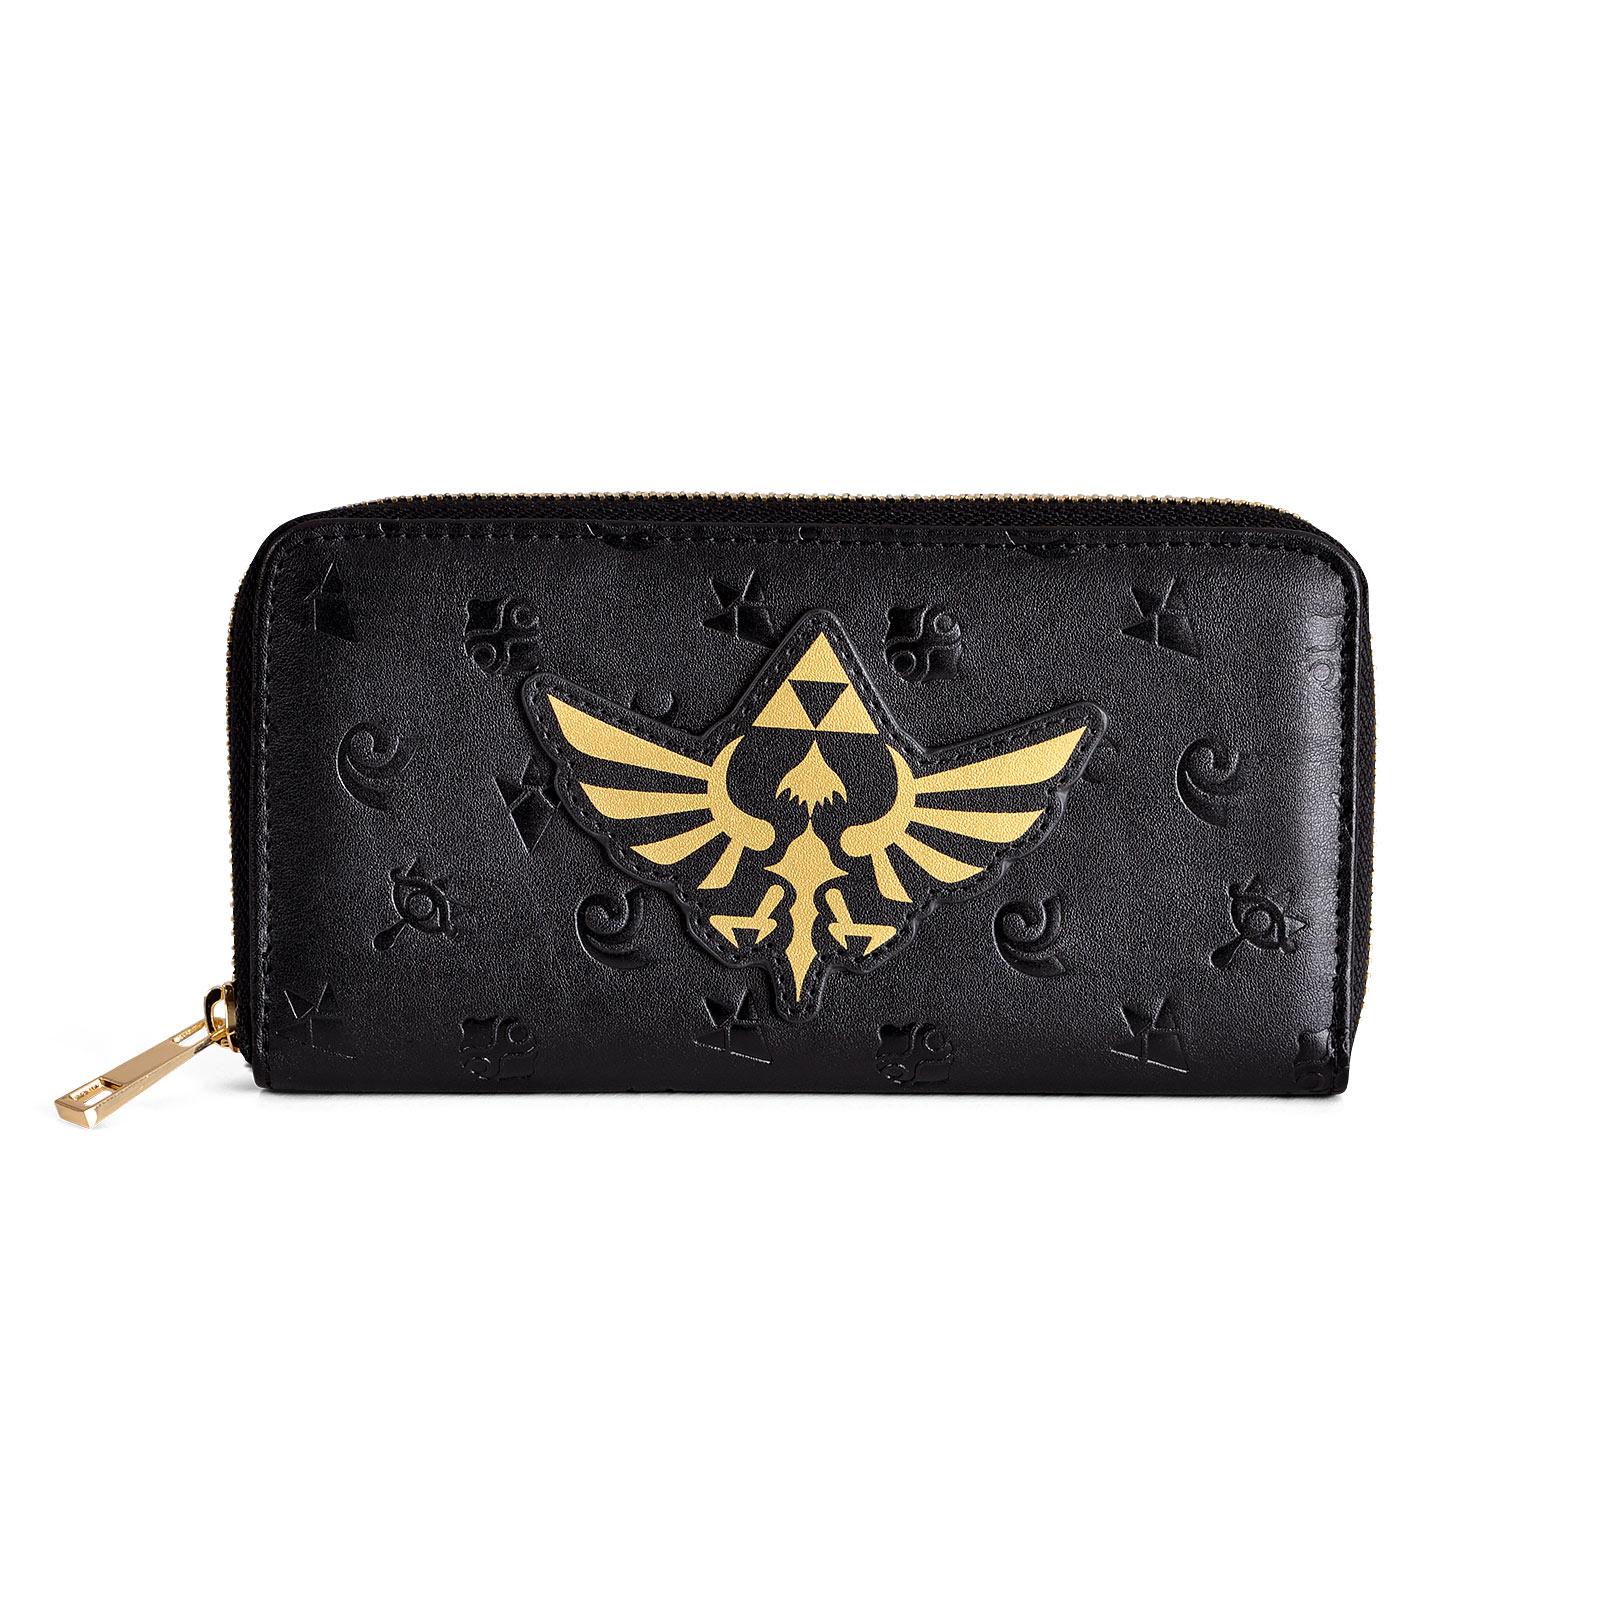 Zelda - Hyrule Symbols Geldbörse schwarz